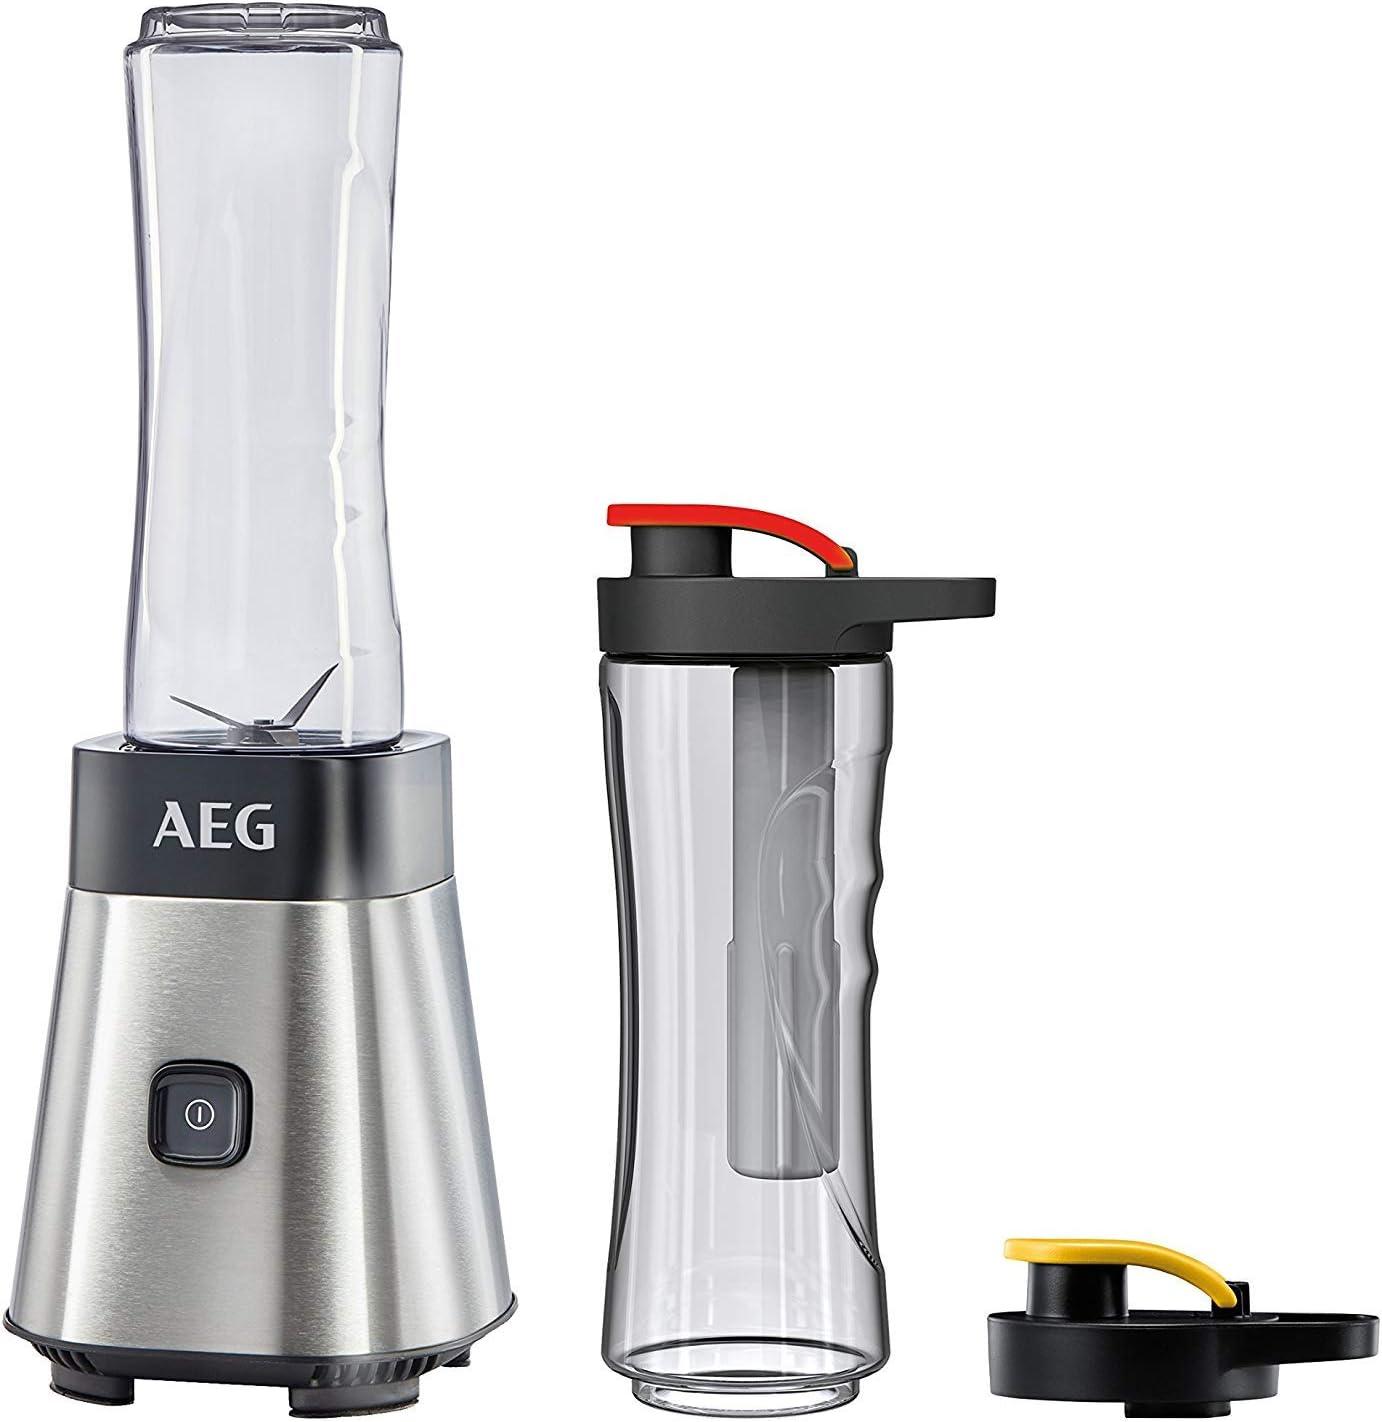 AEG SB2700 Batidora de Vaso Good To Go (300W, Modo Turbo, Cuchilla de 4 Hojas, 2 Botellas de 0.6L con Tapa, Apta Lavavajillas, Resistente al Frio y Calor, Incluye Tubo Refrigerante, 80dB, Blanco)